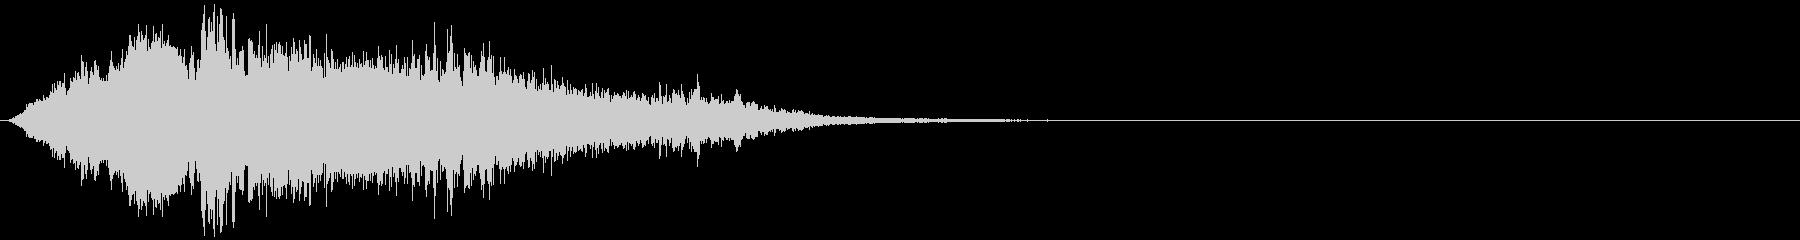 【ホラー】SFX_23 接近の未再生の波形